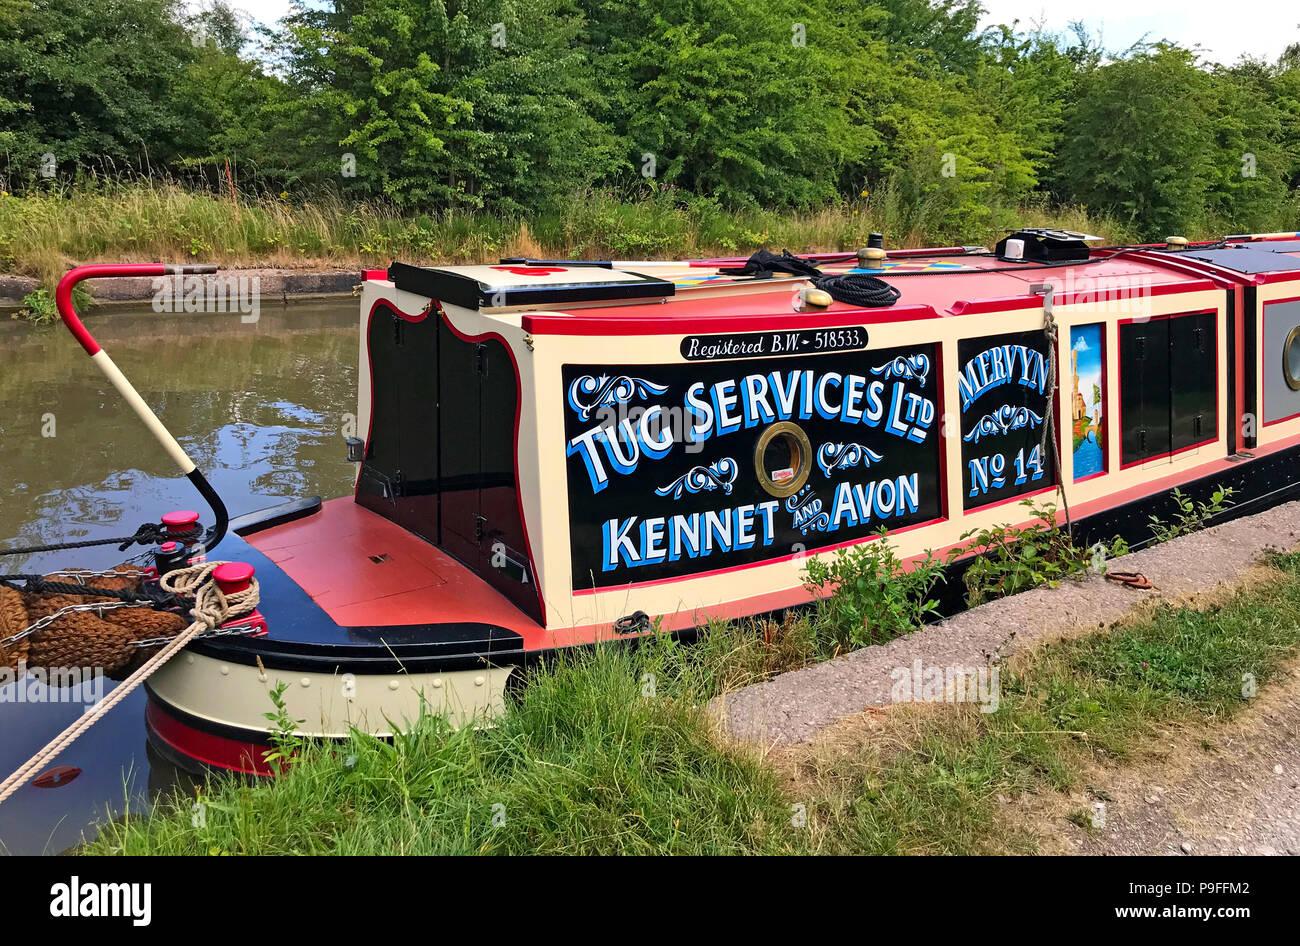 Laden Sie dieses Alamy Stockfoto Trent und Mersey Canal, Anderton, Northwich, Cheshire Ring, North West England, UK-15-04, Aufsch. - P9FFM2